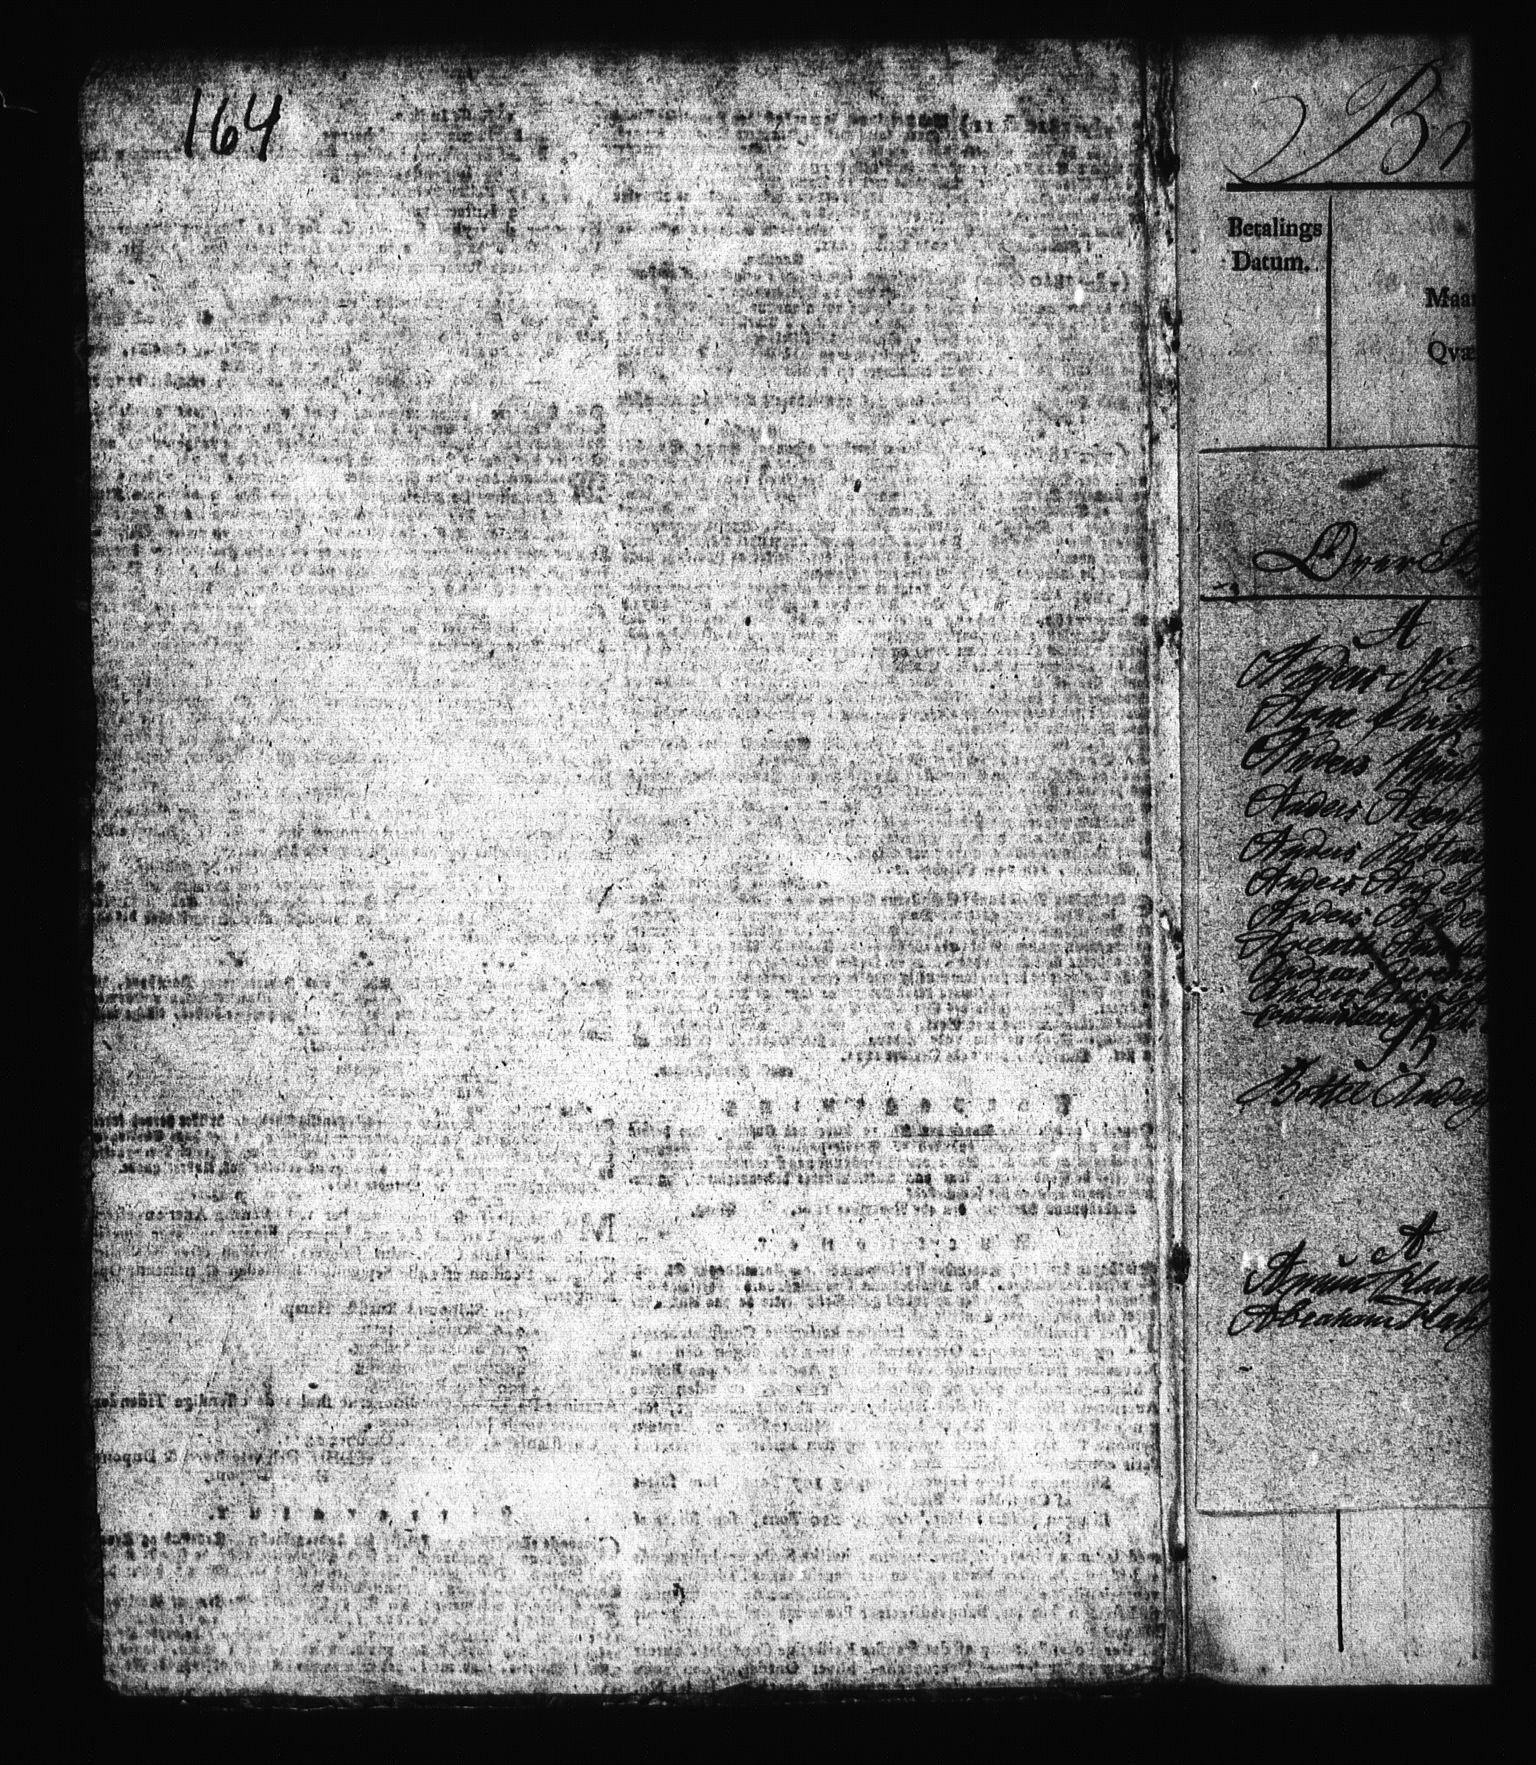 RA, Sjøetaten, F/L0165: Bragernes distrikt, bind 2, 1812